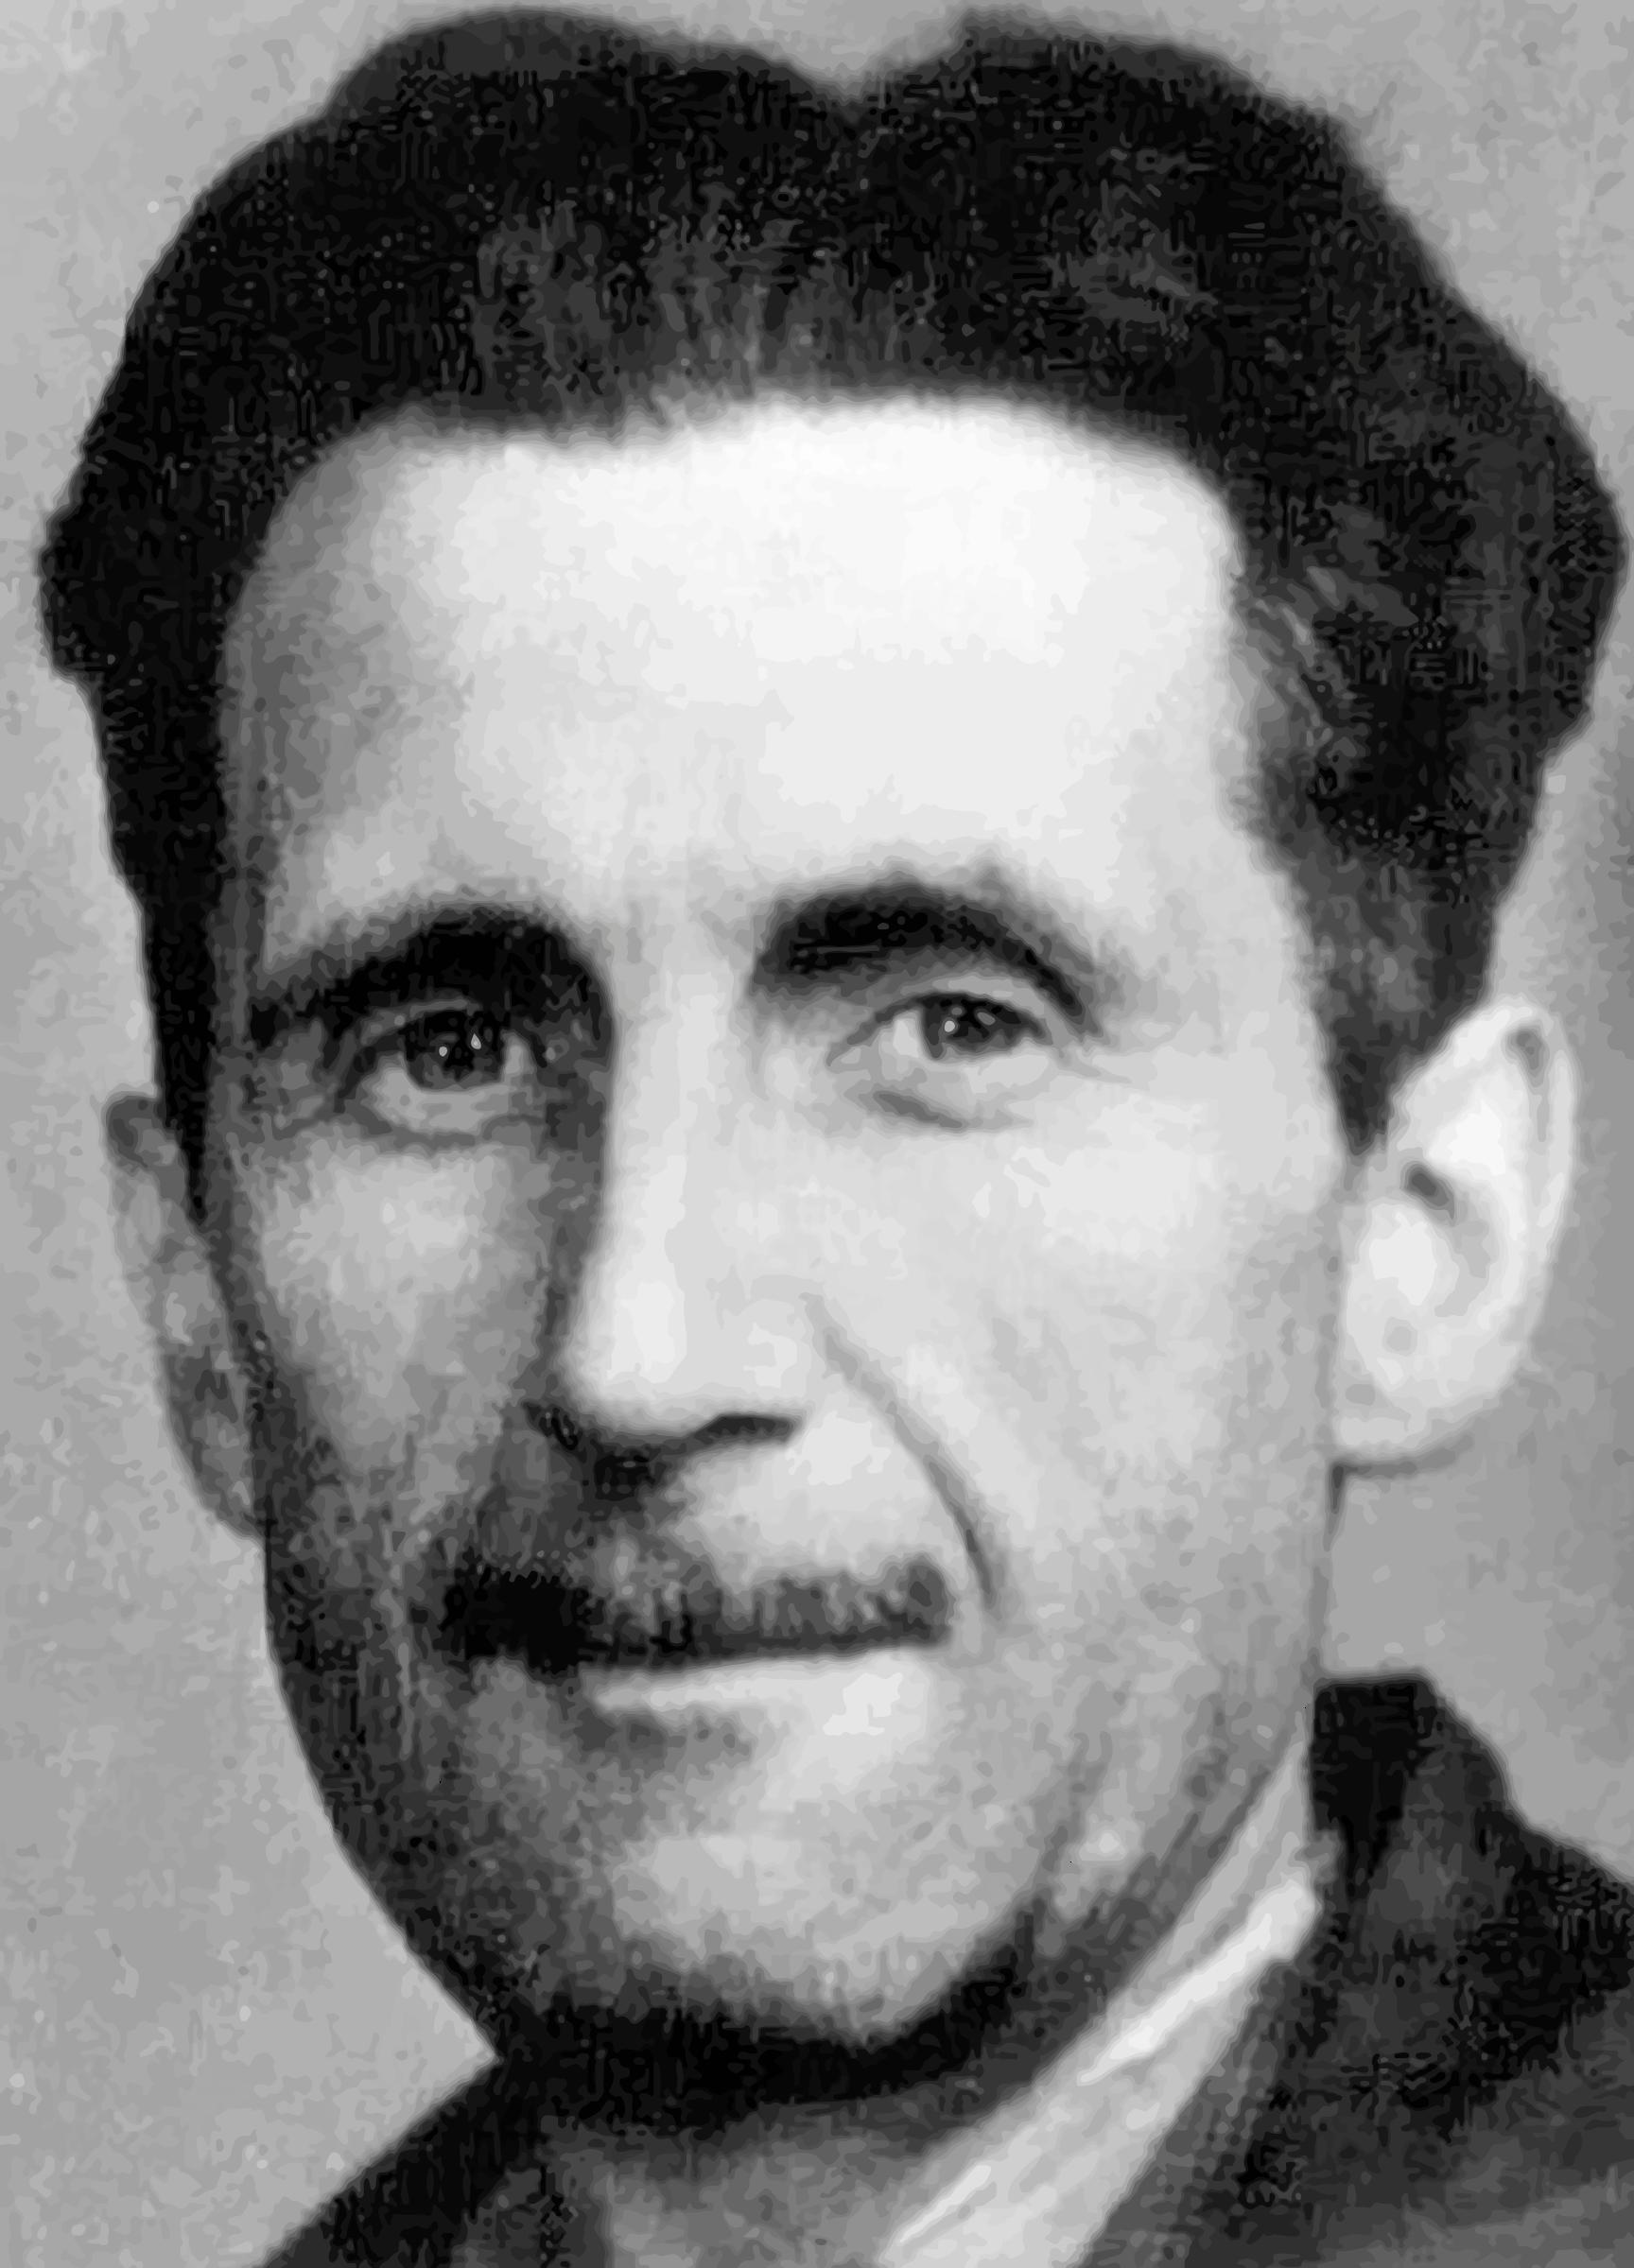 George Orwell AKA <b>Eric Blair</b> - George-Orwell-AKA-Eric-Blair